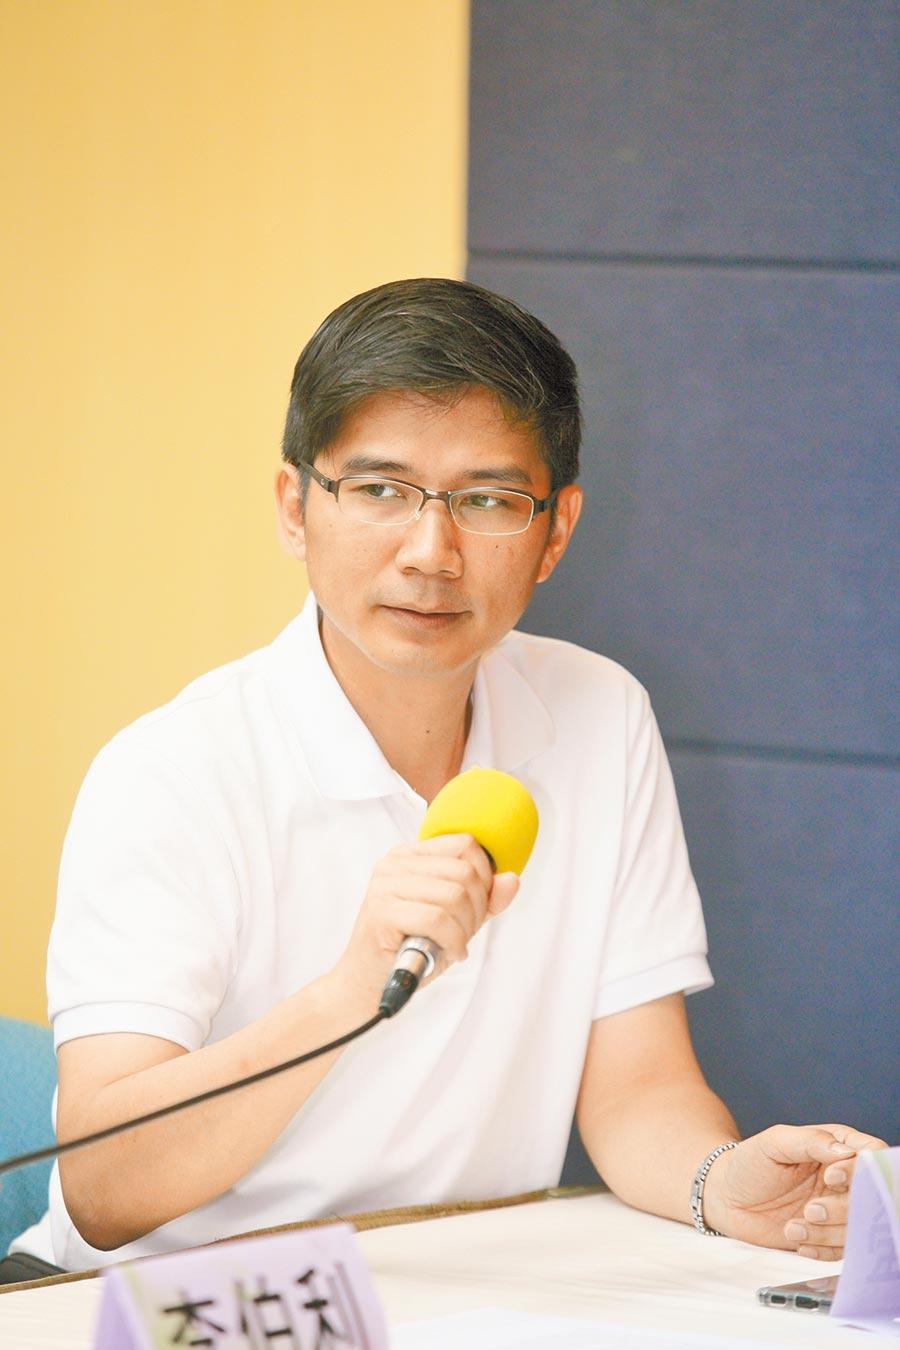 反同婚團體下一代幸福聯盟理事長曾獻瑩批評,行政院版本嚴重違反公投民意、踐踏人民公投,是台灣民主最黑暗的一天。(本報資料照片)